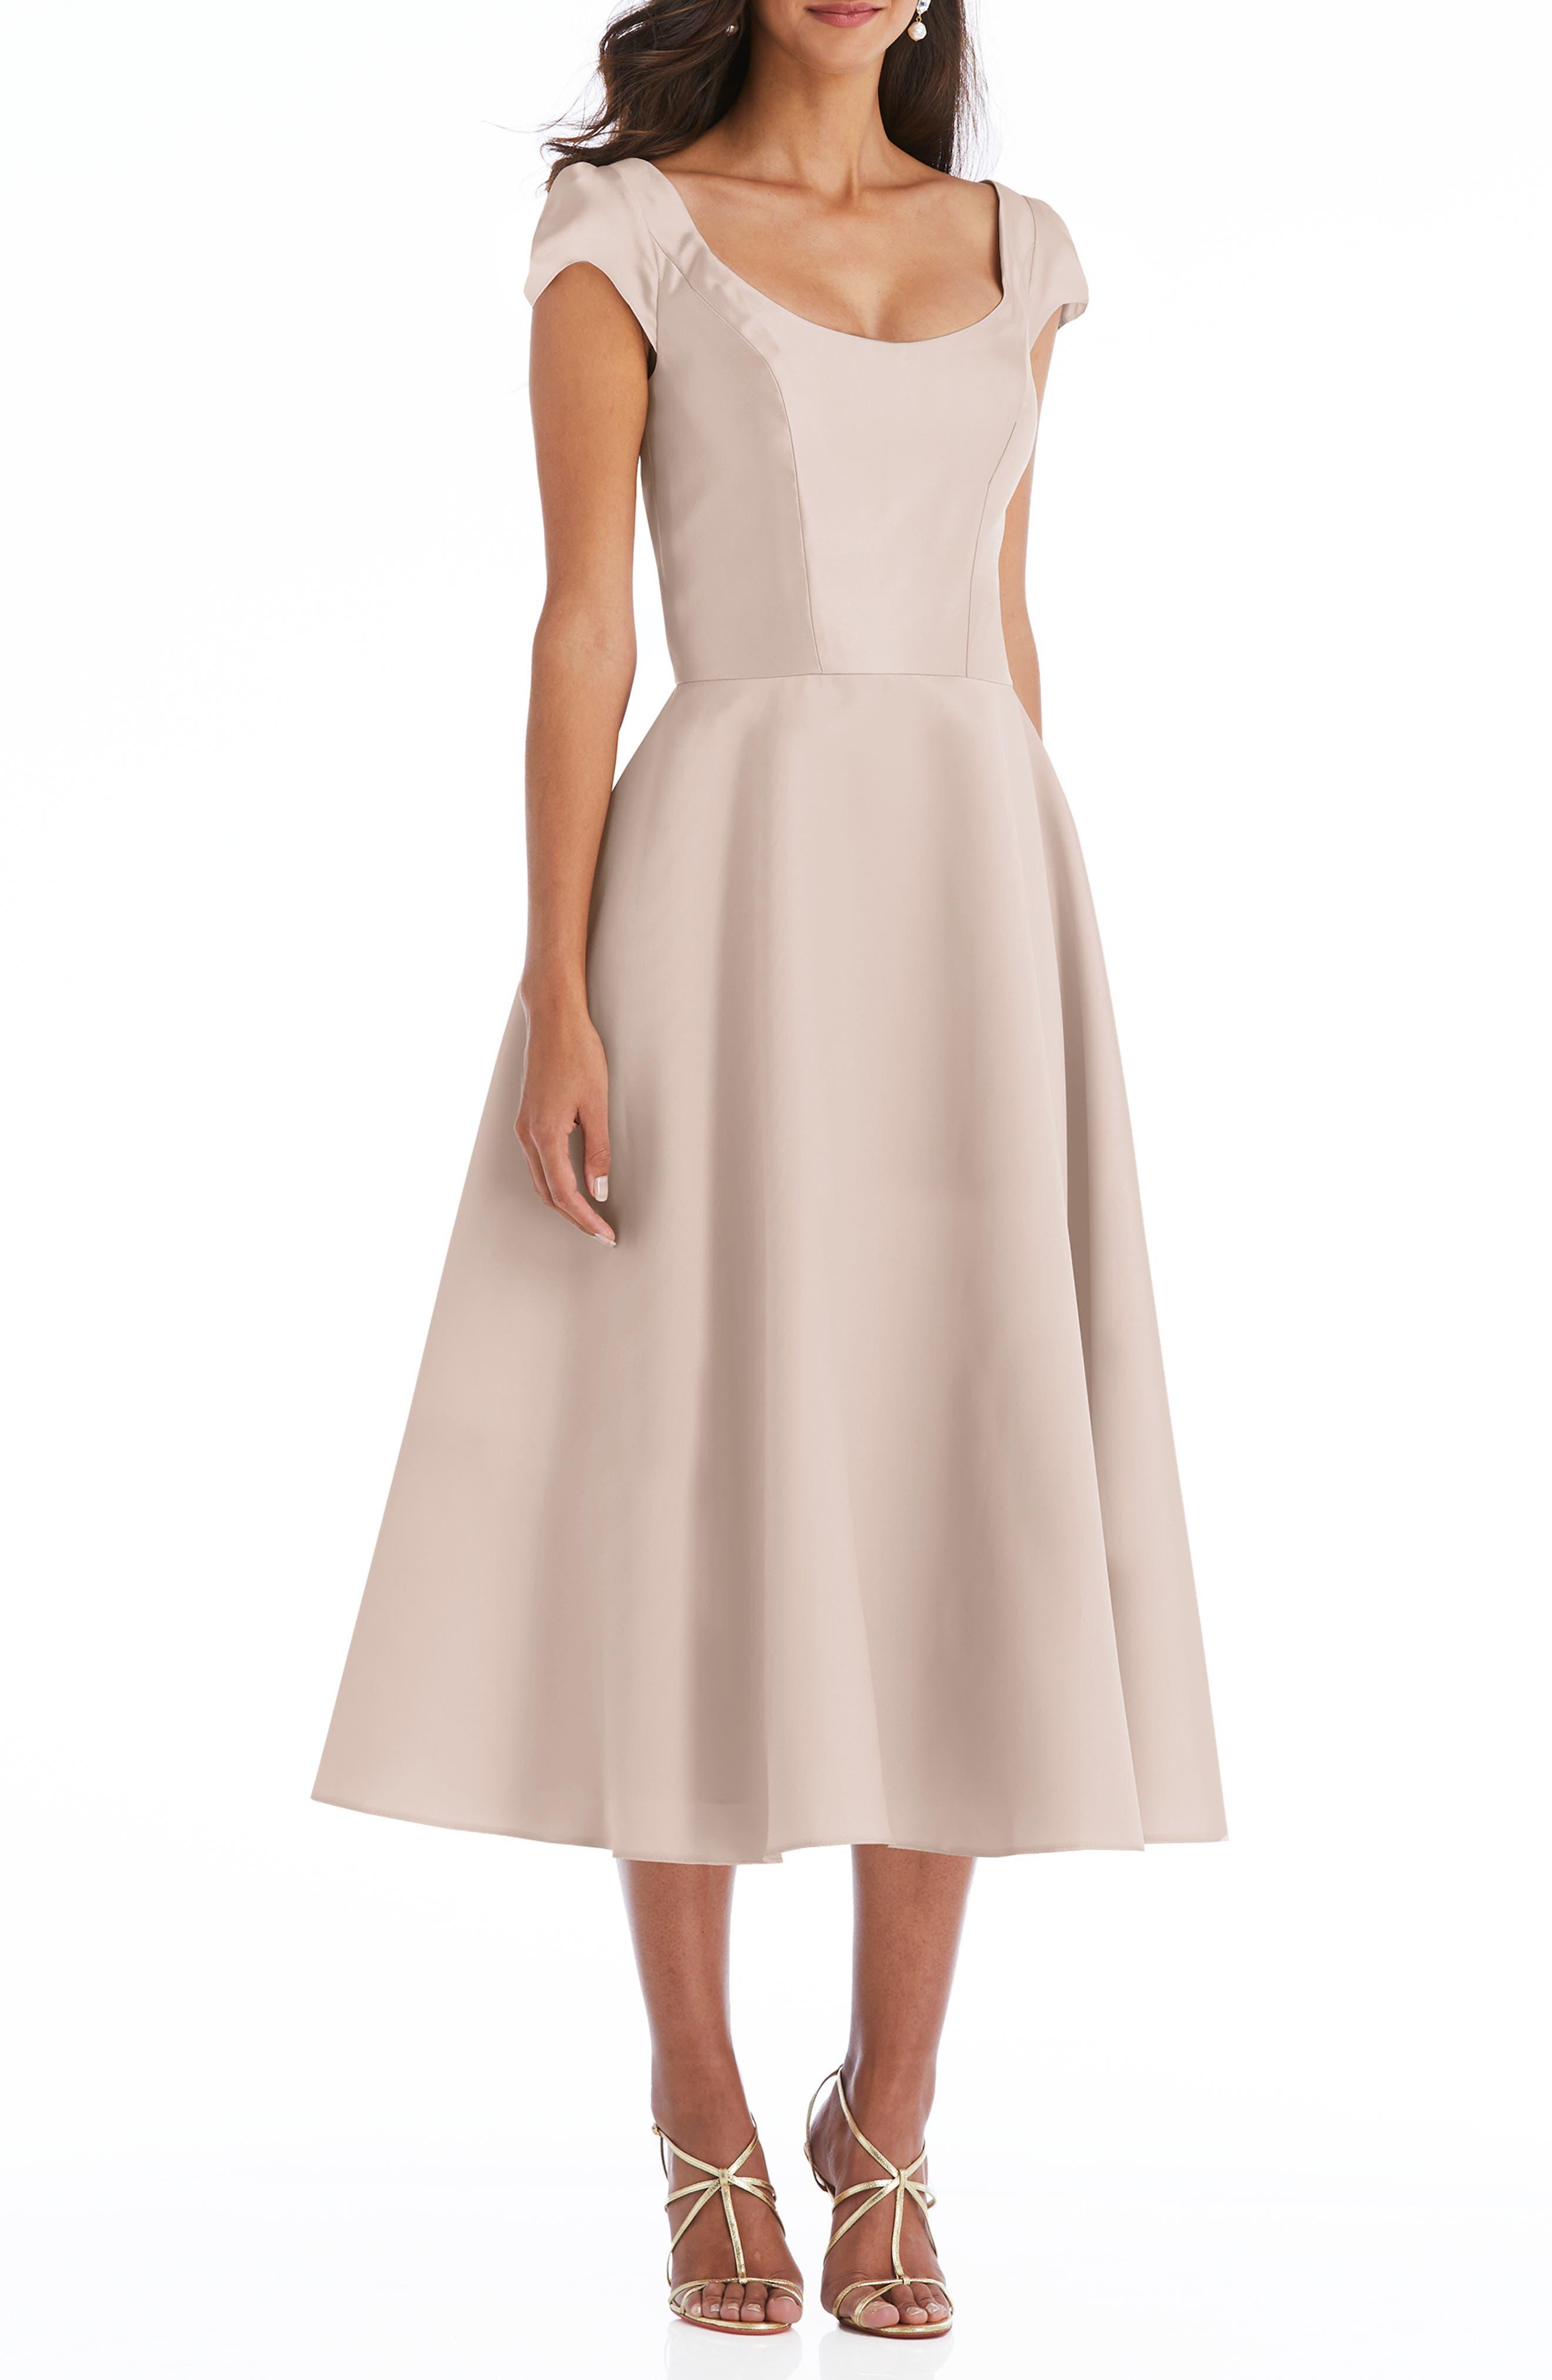 Cap Sleeve Full Skirt Satin Midi Cocktail Dress